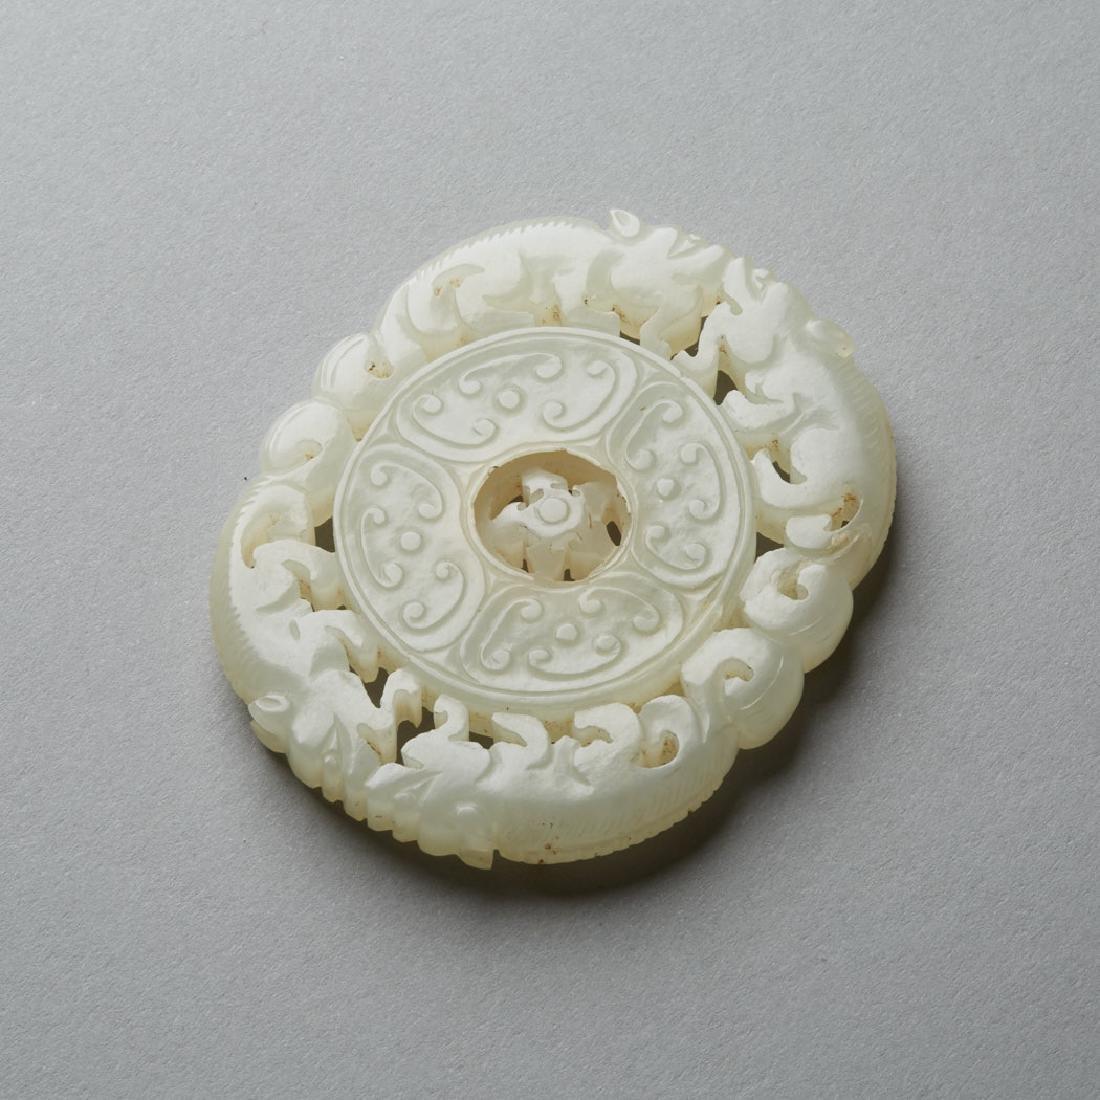 Chinese Qing Jade Buddhist Prayer Wheel Bi - BTC Acpt